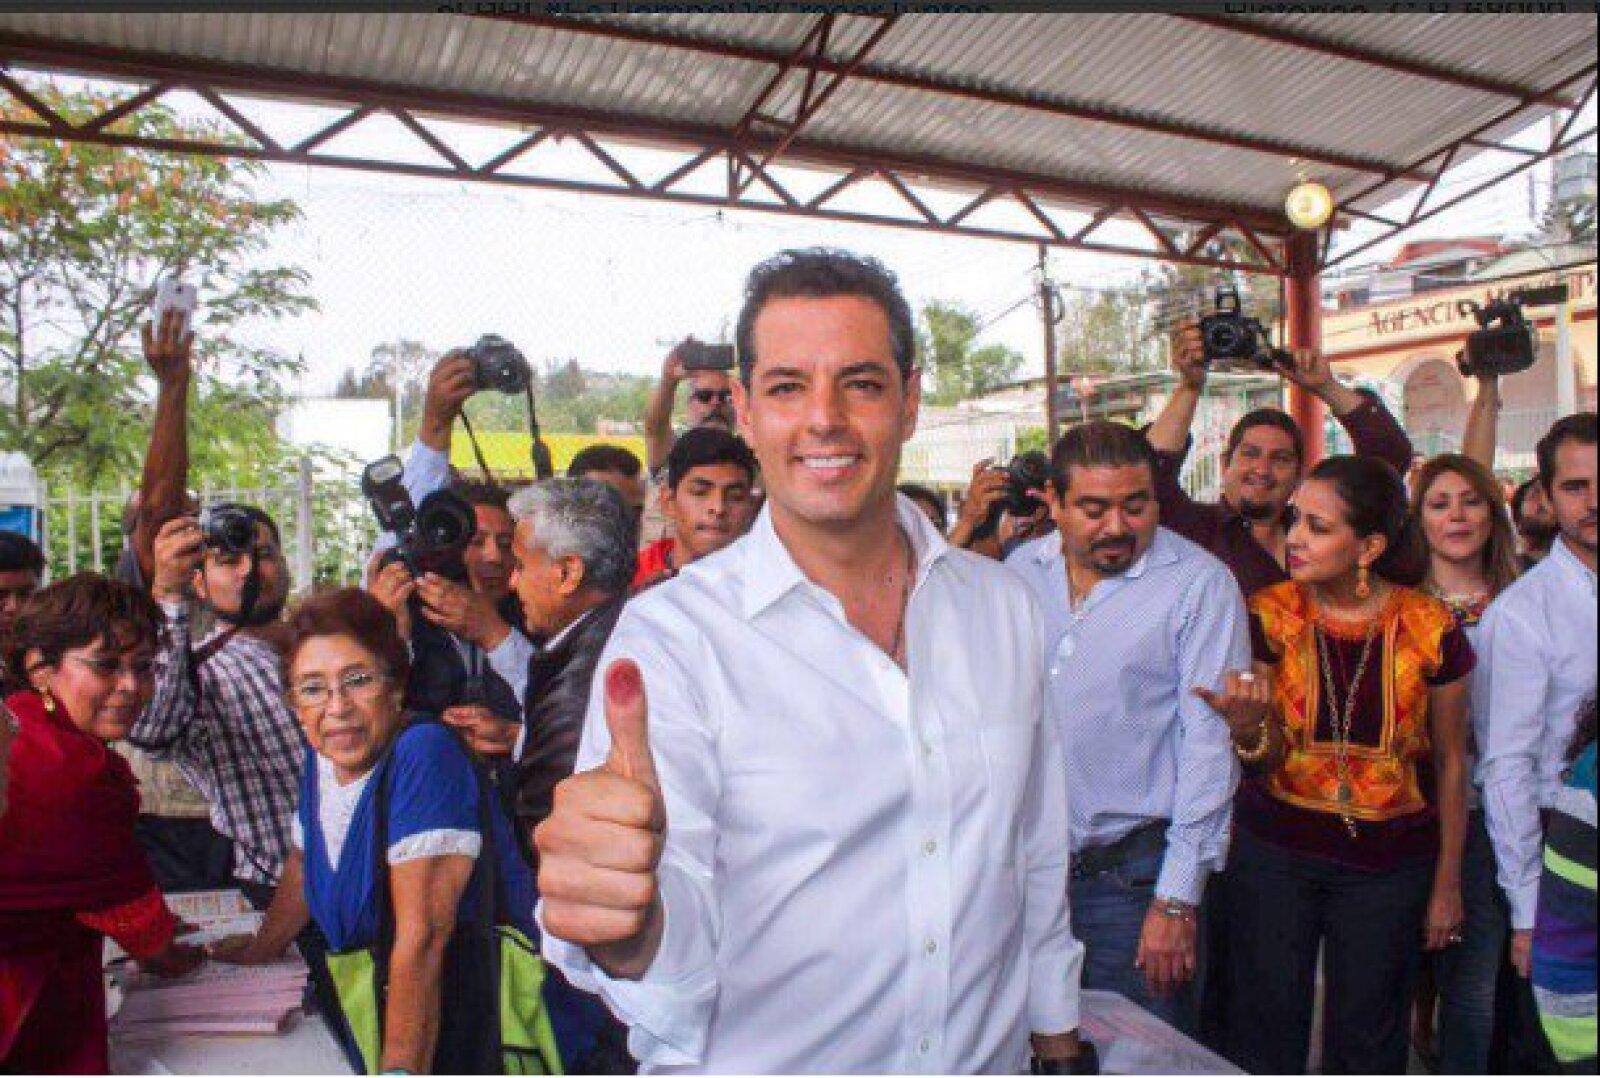 Acompañado por su esposa e hijos, el candidato a gobernador de Oaxaca por el PRI, Alejandro Murat, acudió a la casilla.